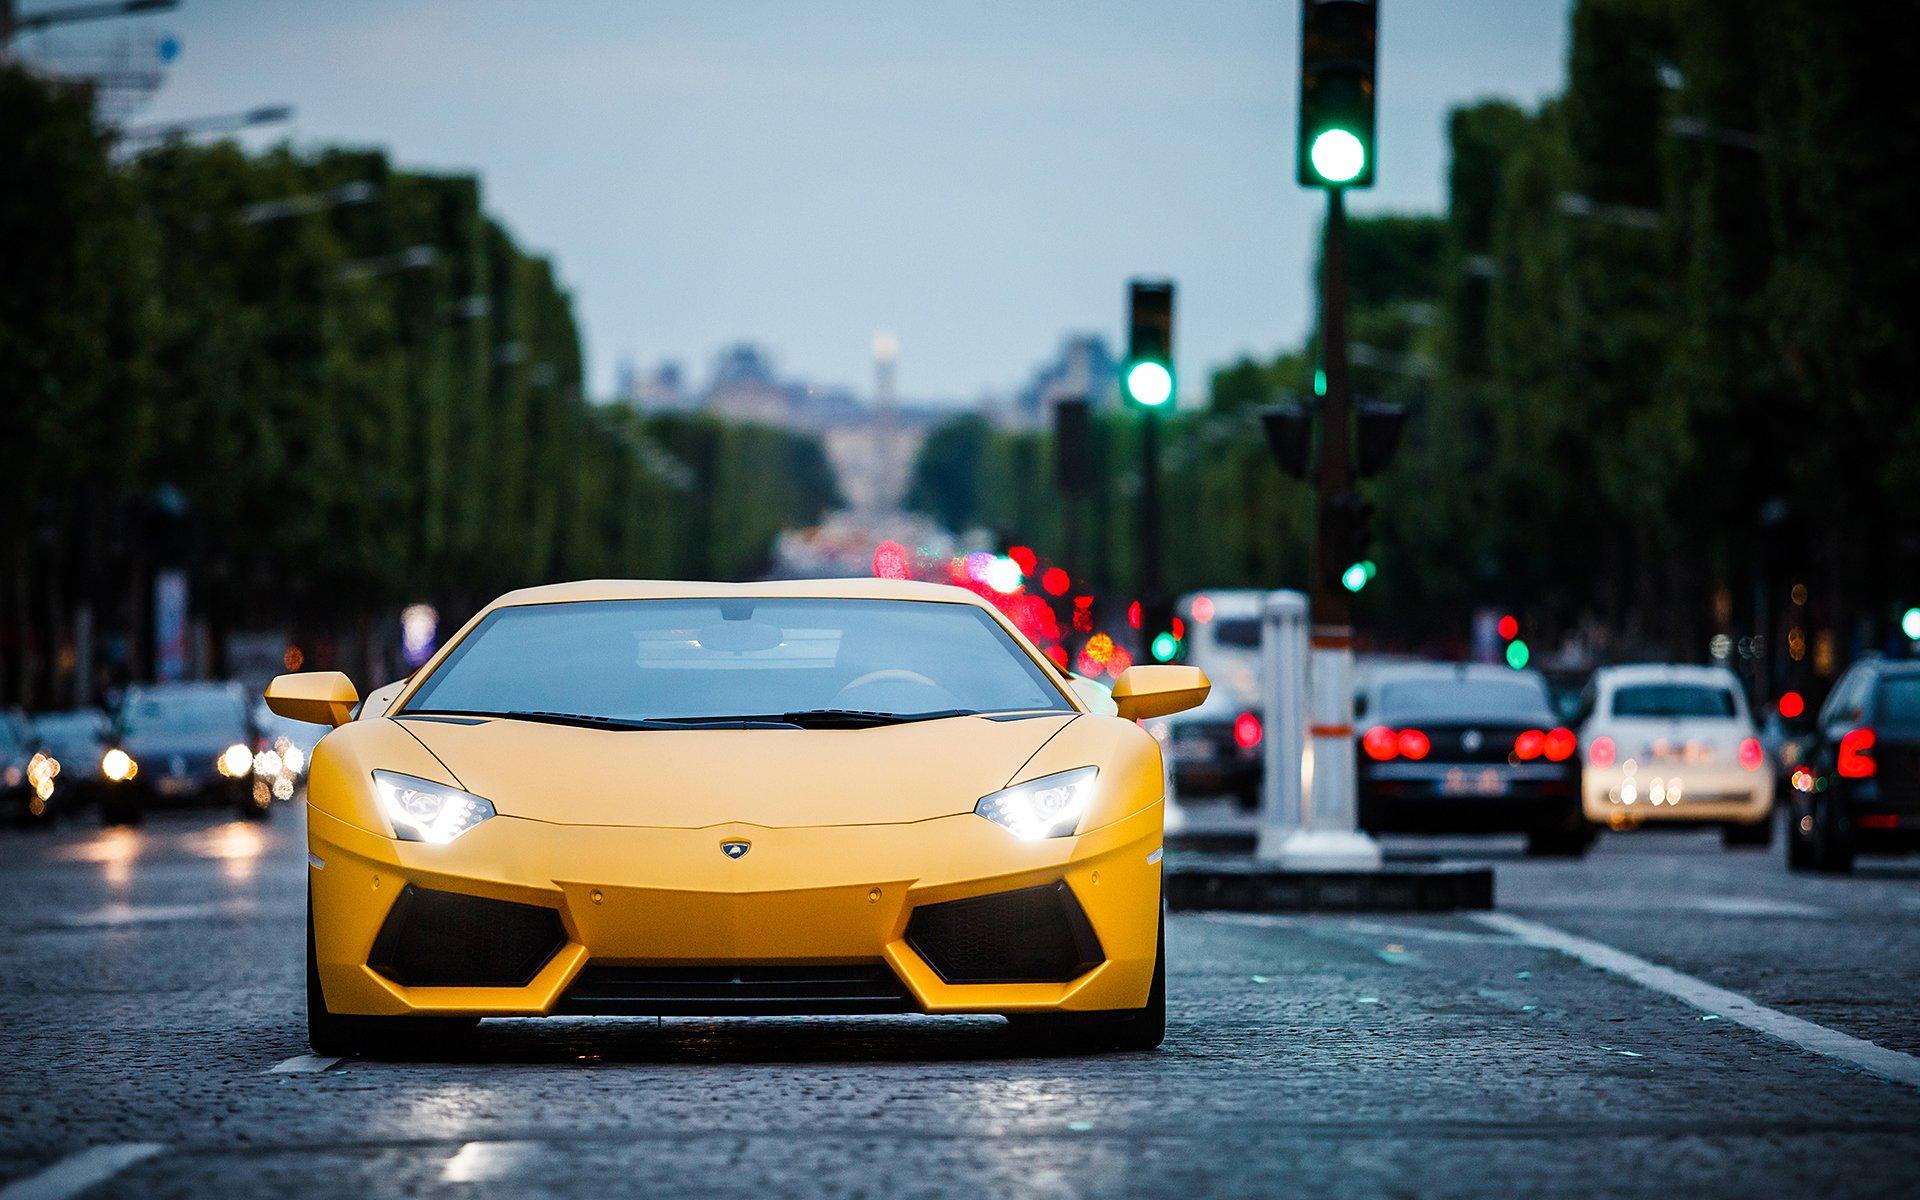 желтый спортивный автомобиль Lamborghini Aventador yellow sports car без смс